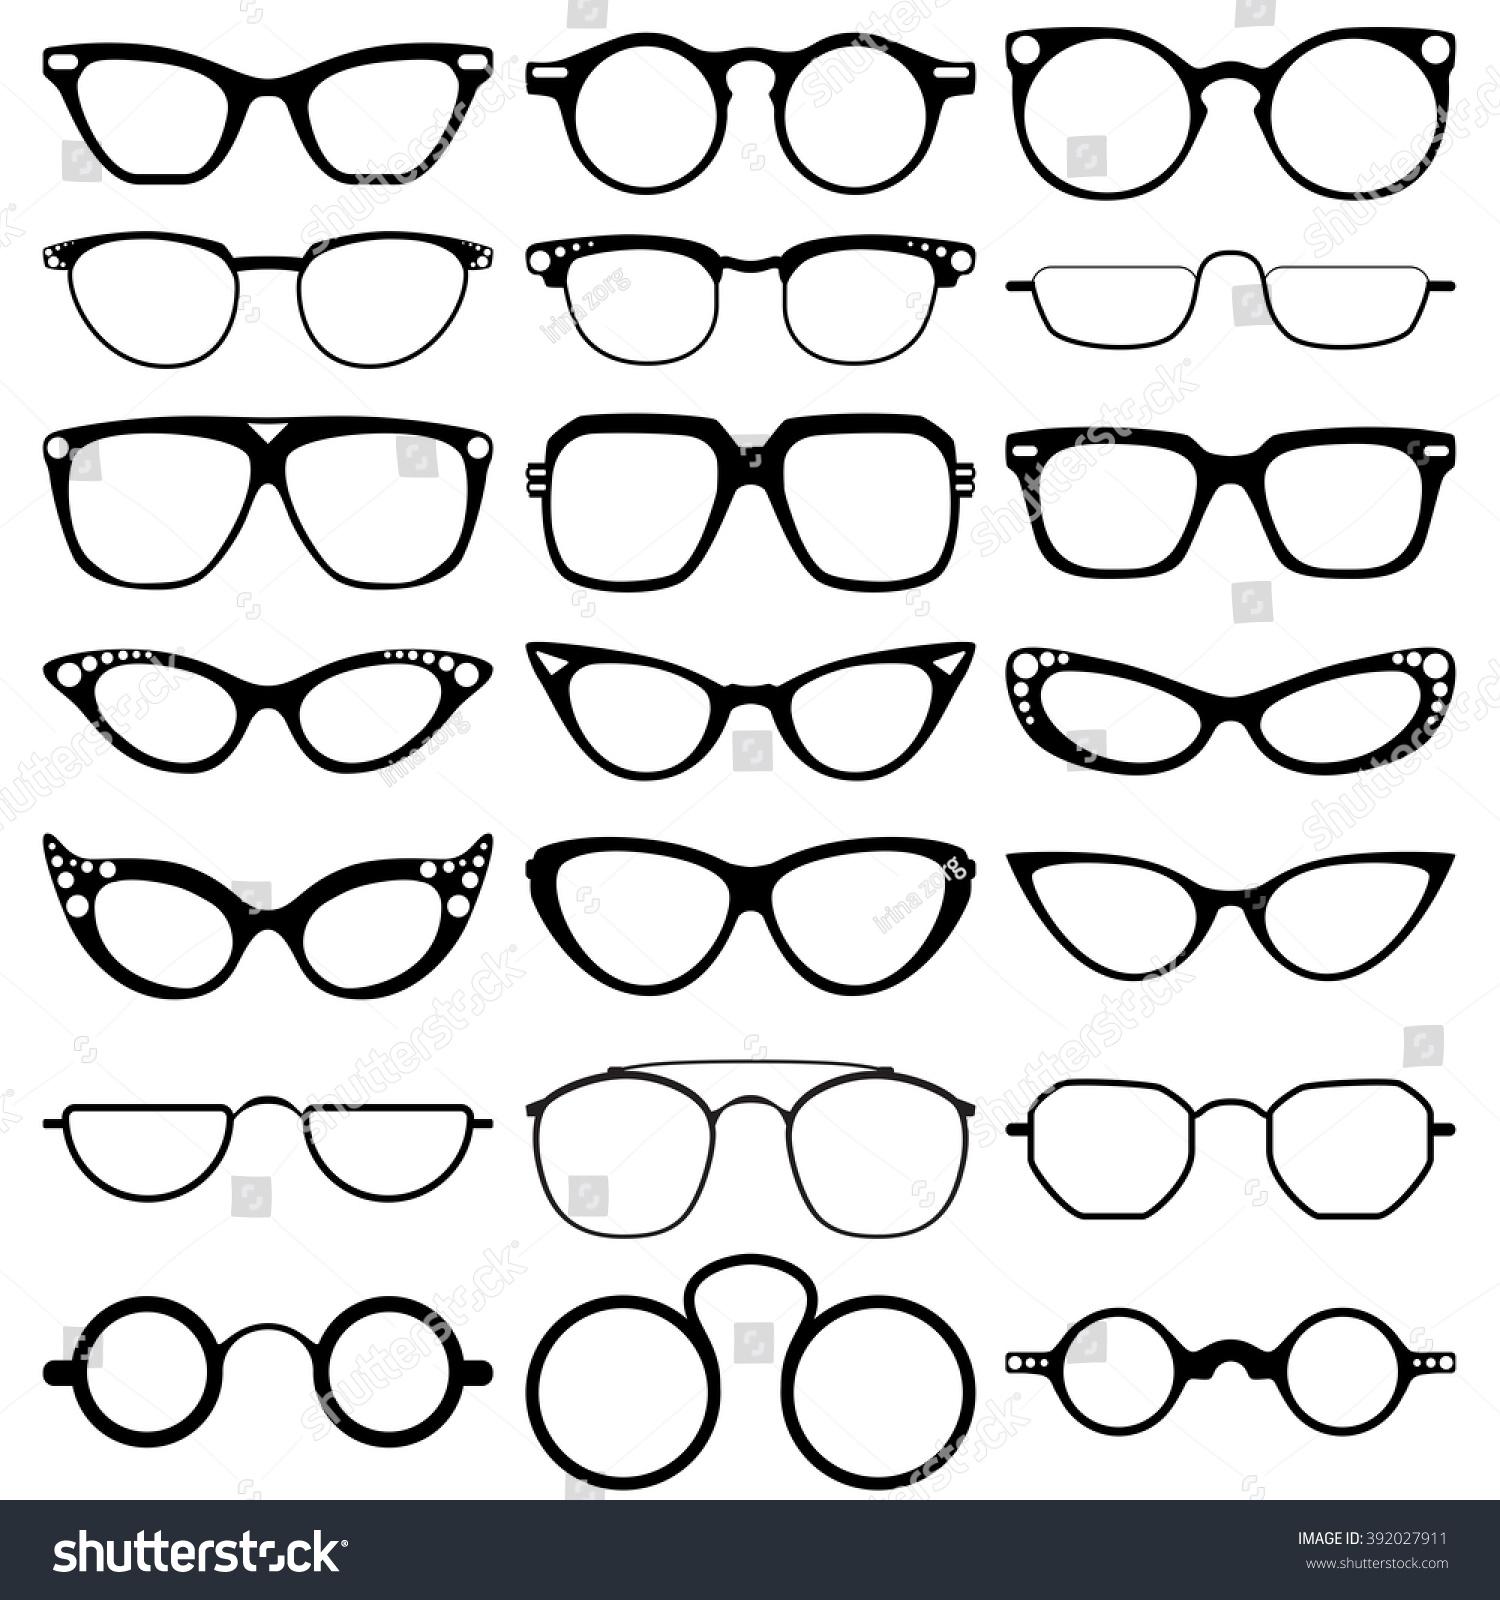 e755fc1011b Glasses Model Icons Man Women Frames Stock Vector (Royalty Free ...